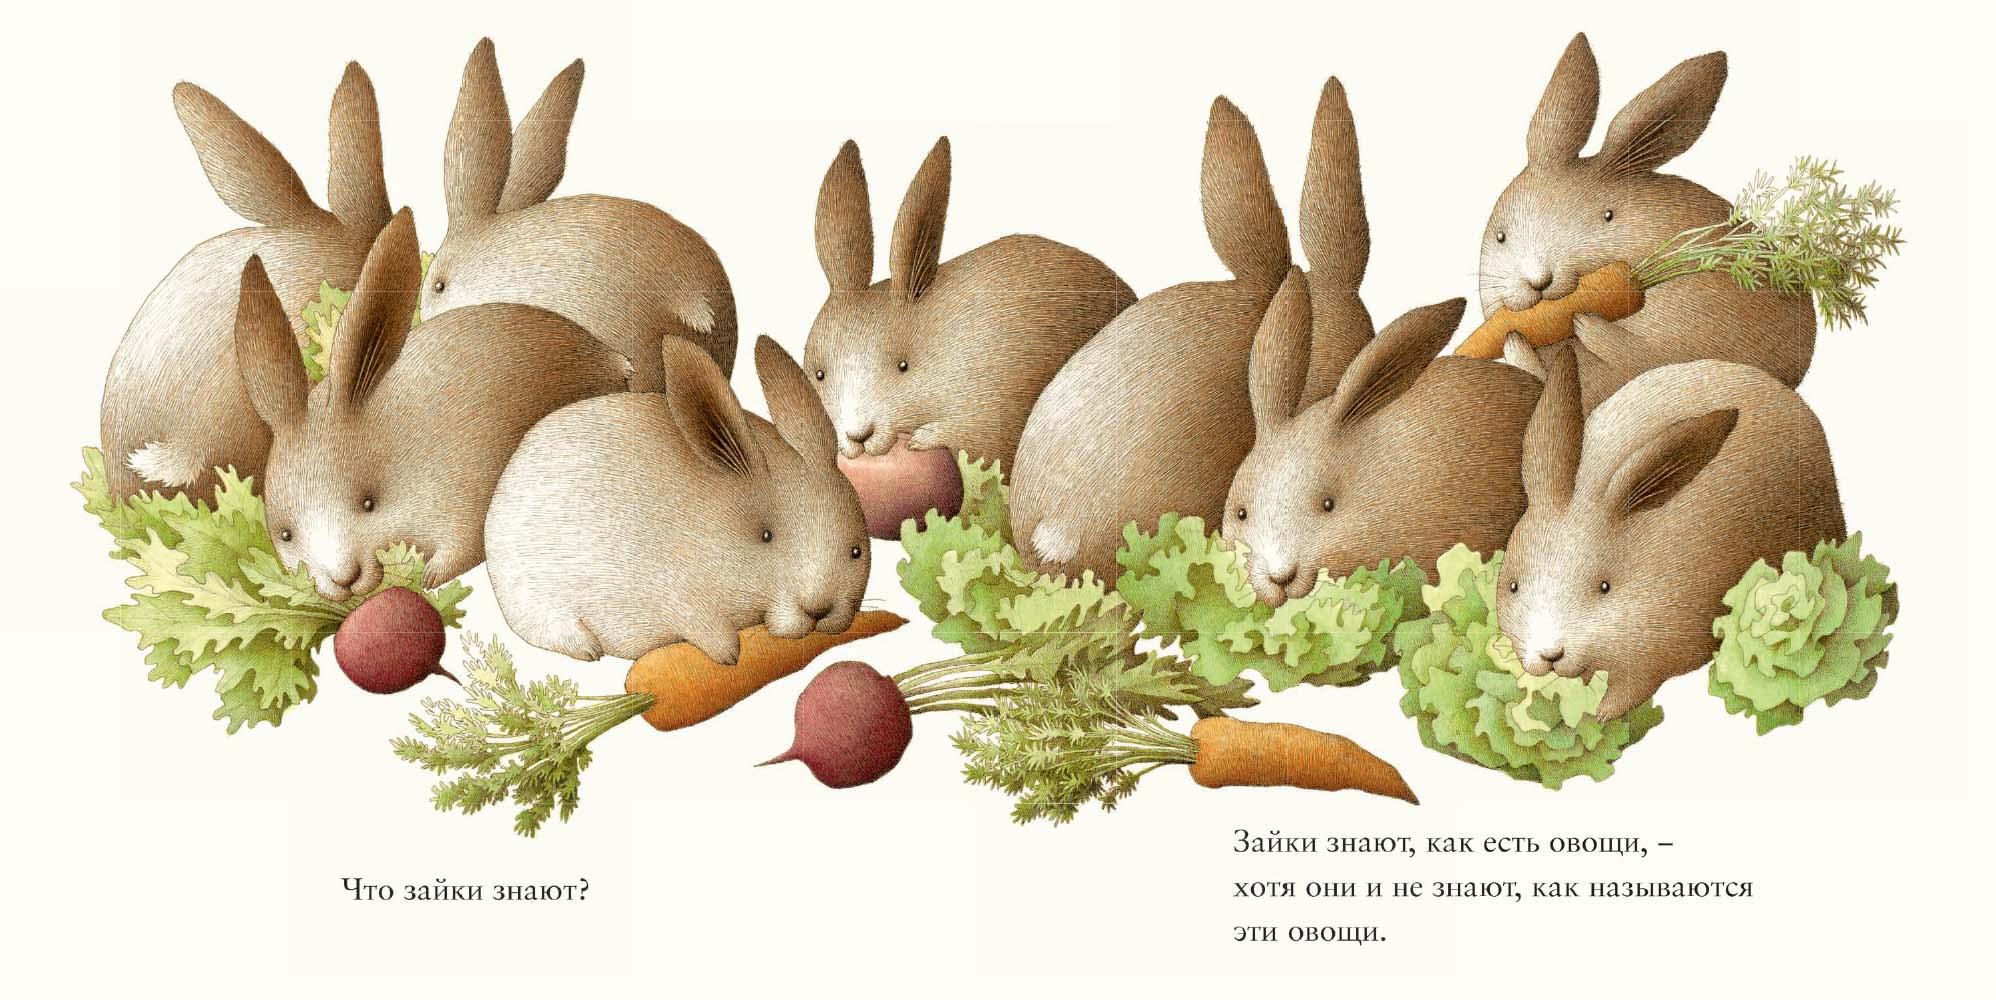 Питер МакКарти, иллюстрация из книги Зайкины Сны